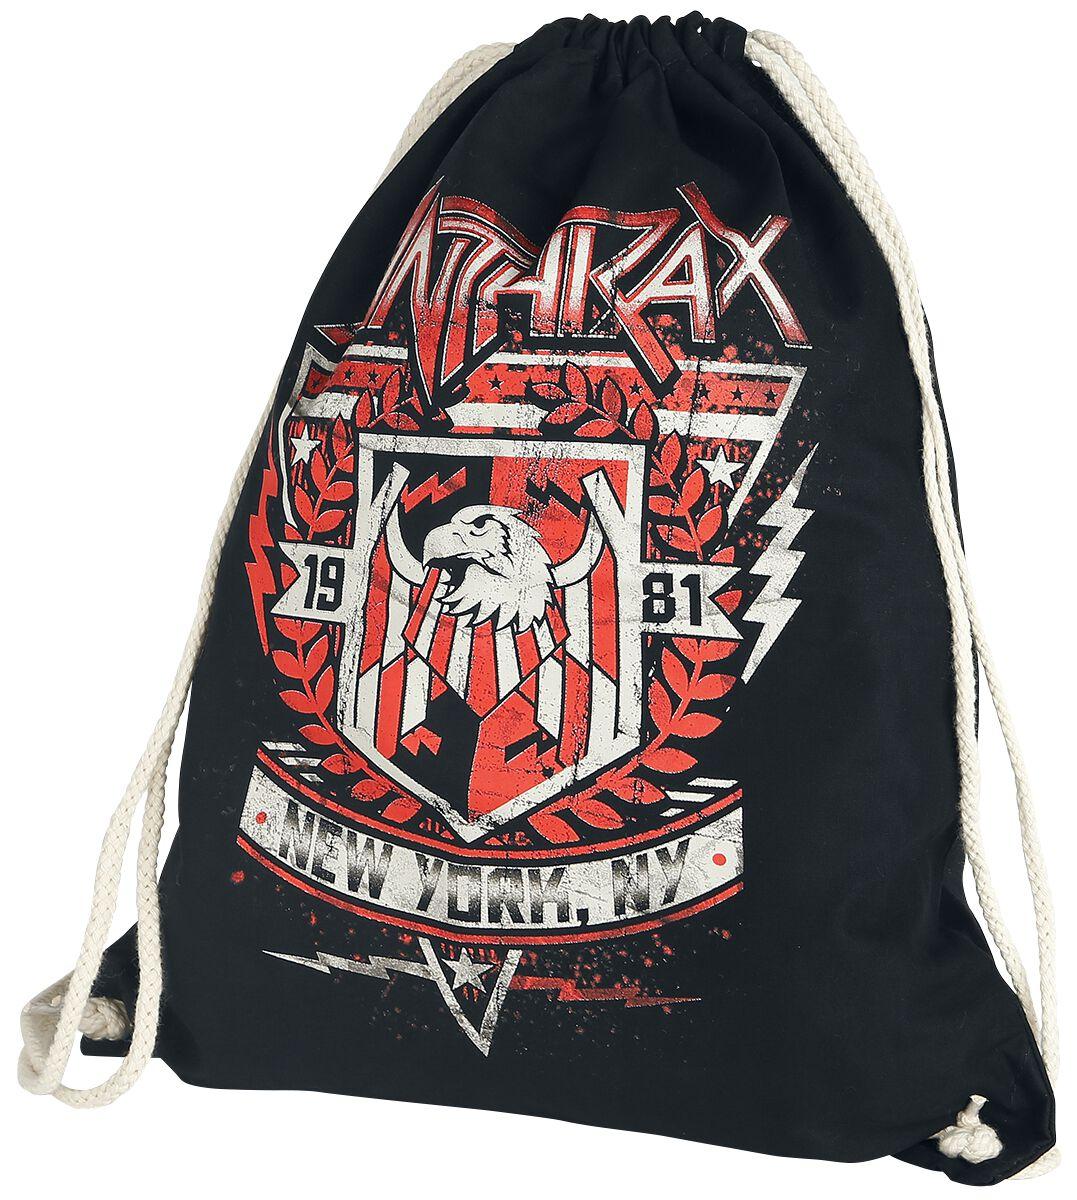 Zespoły - Torby i Plecaki - Torba treningowa Anthrax '81 Crest Torba treningowa czarny - 372148